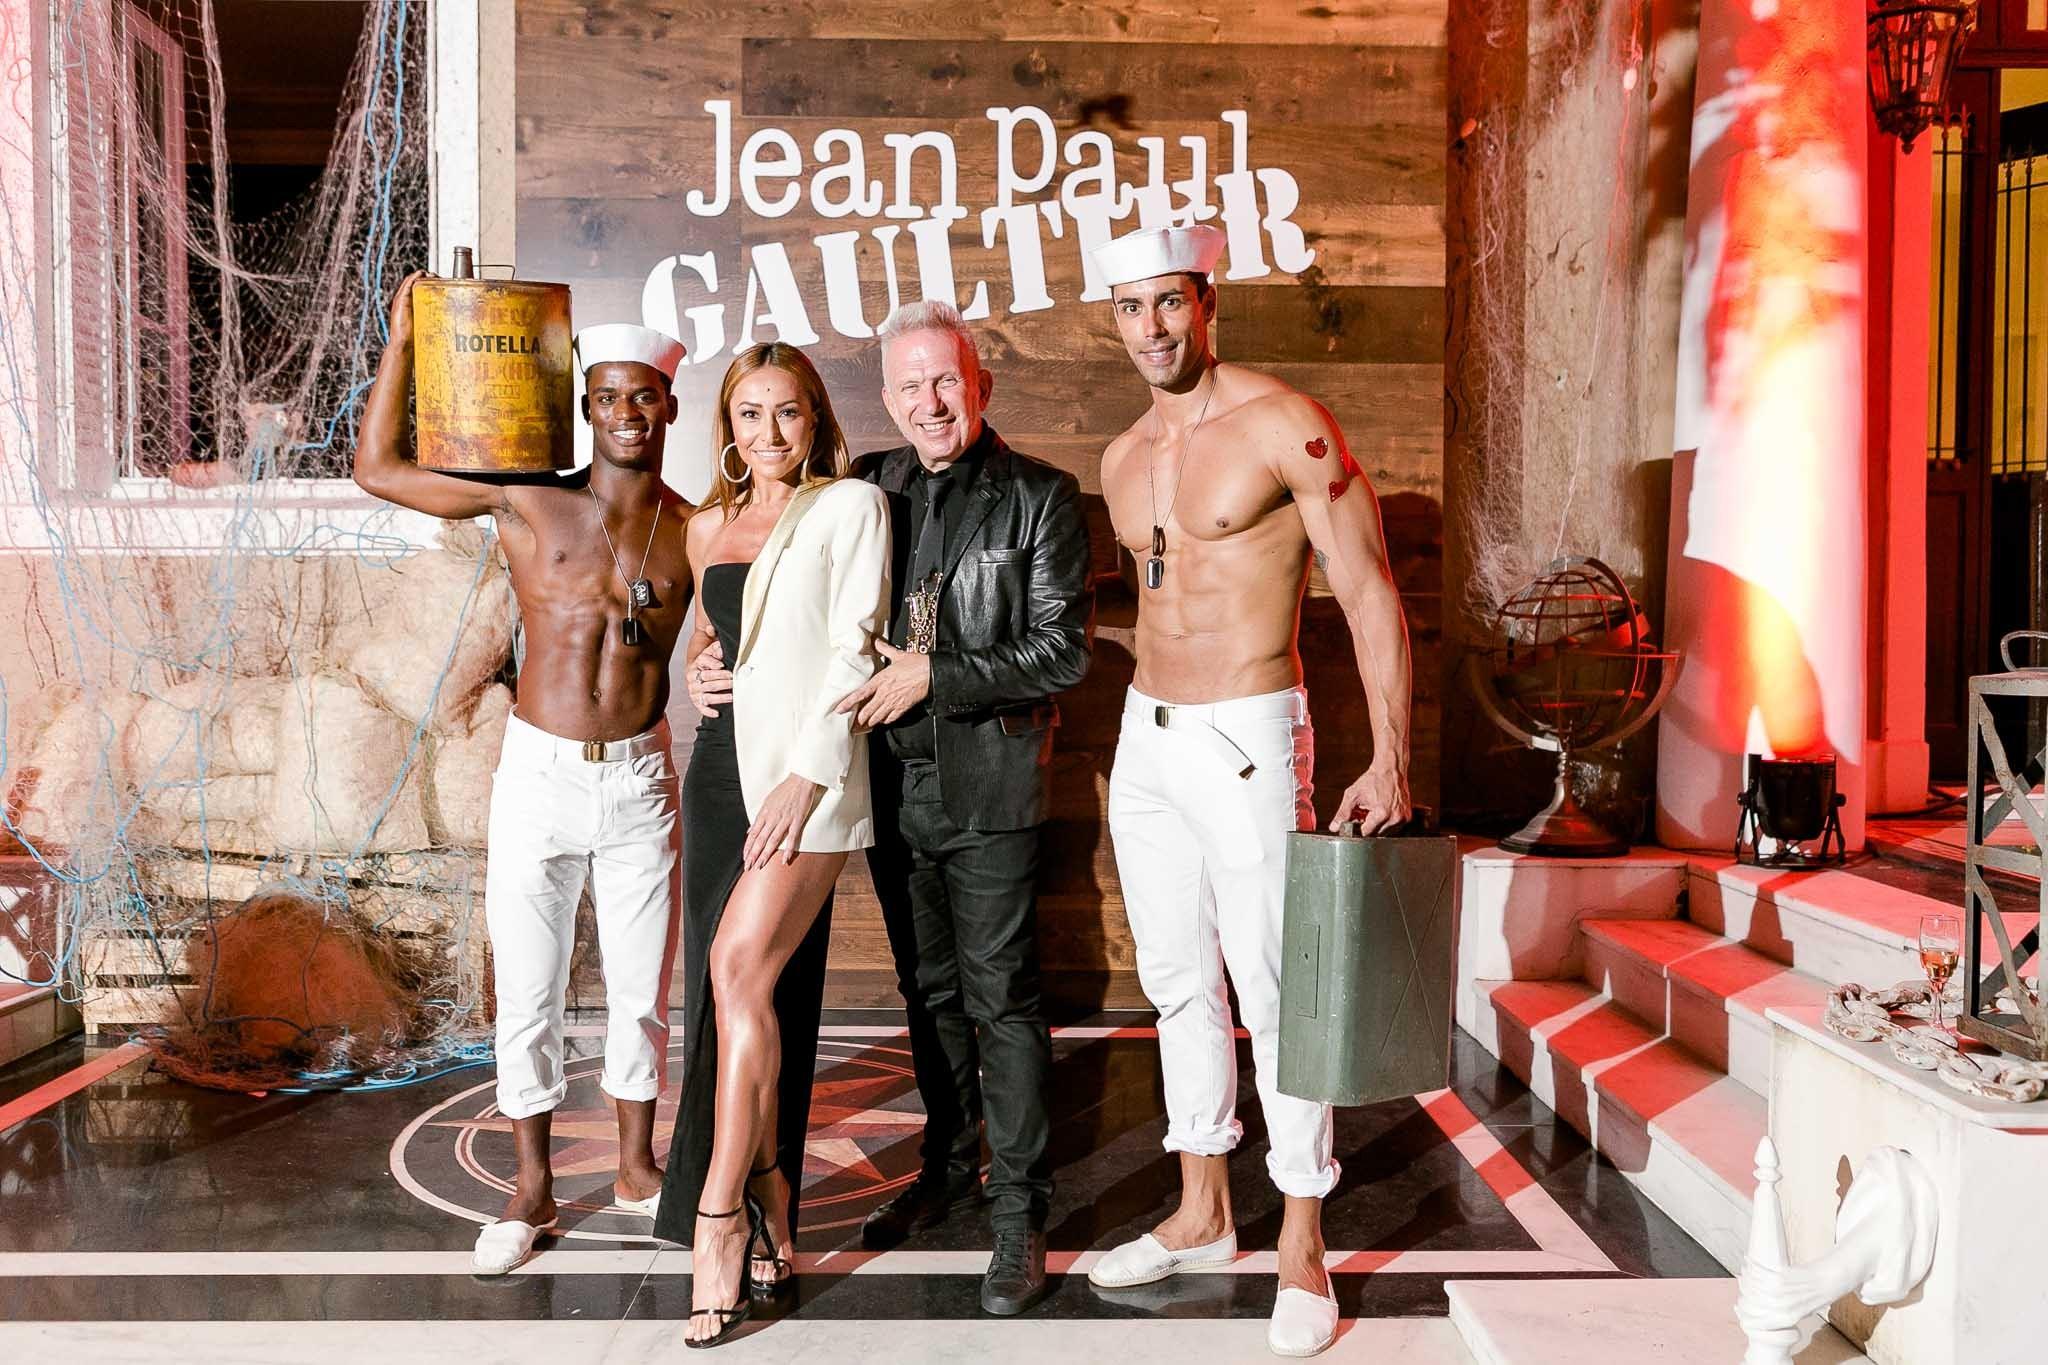 Spectaculaire Party: a festa em torno de Jean Paul Gaultier no Rio de Janeiro. Aqui o estilista com Sabrin a Sato (Foto: Bruno Ryfer/Divulgação )